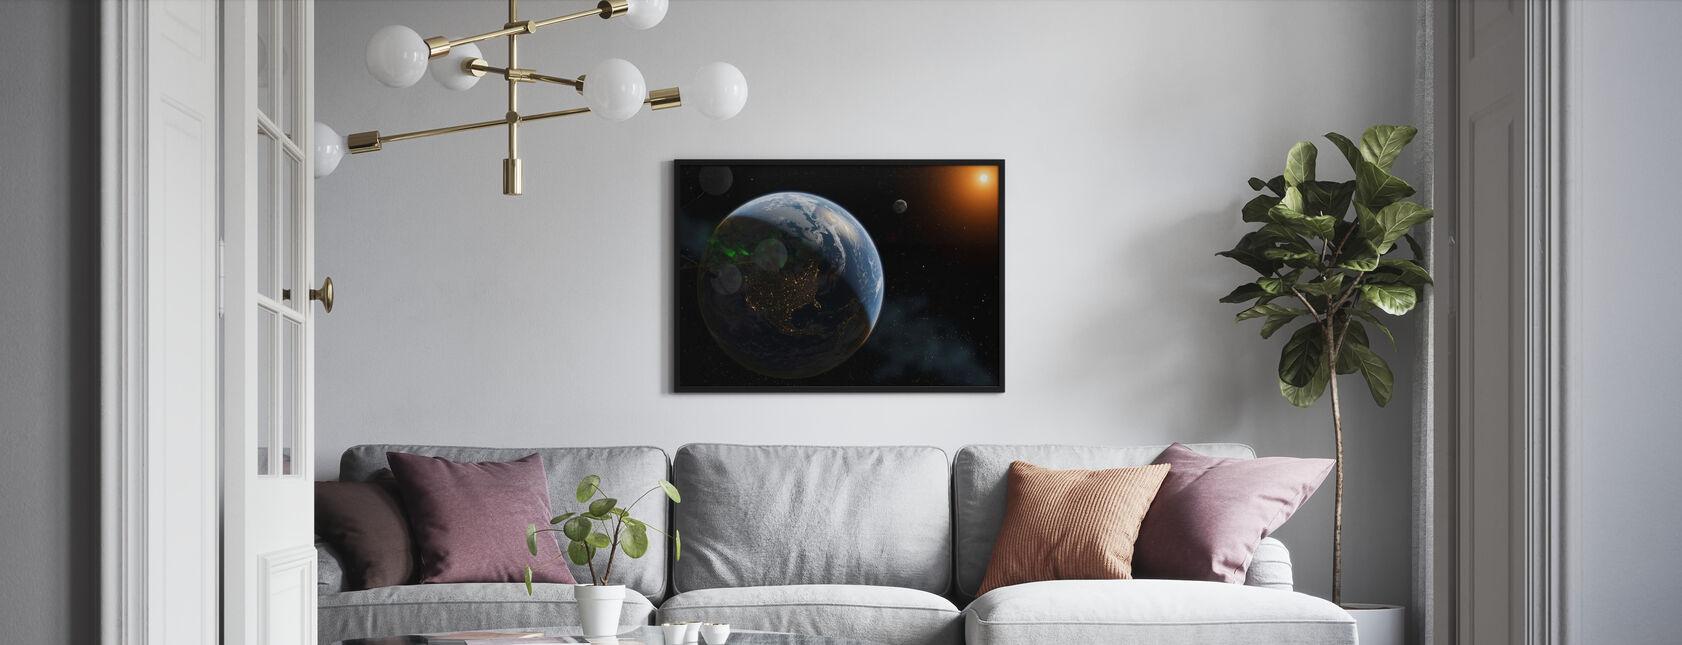 Lichten op aarde - Ingelijste print - Woonkamer